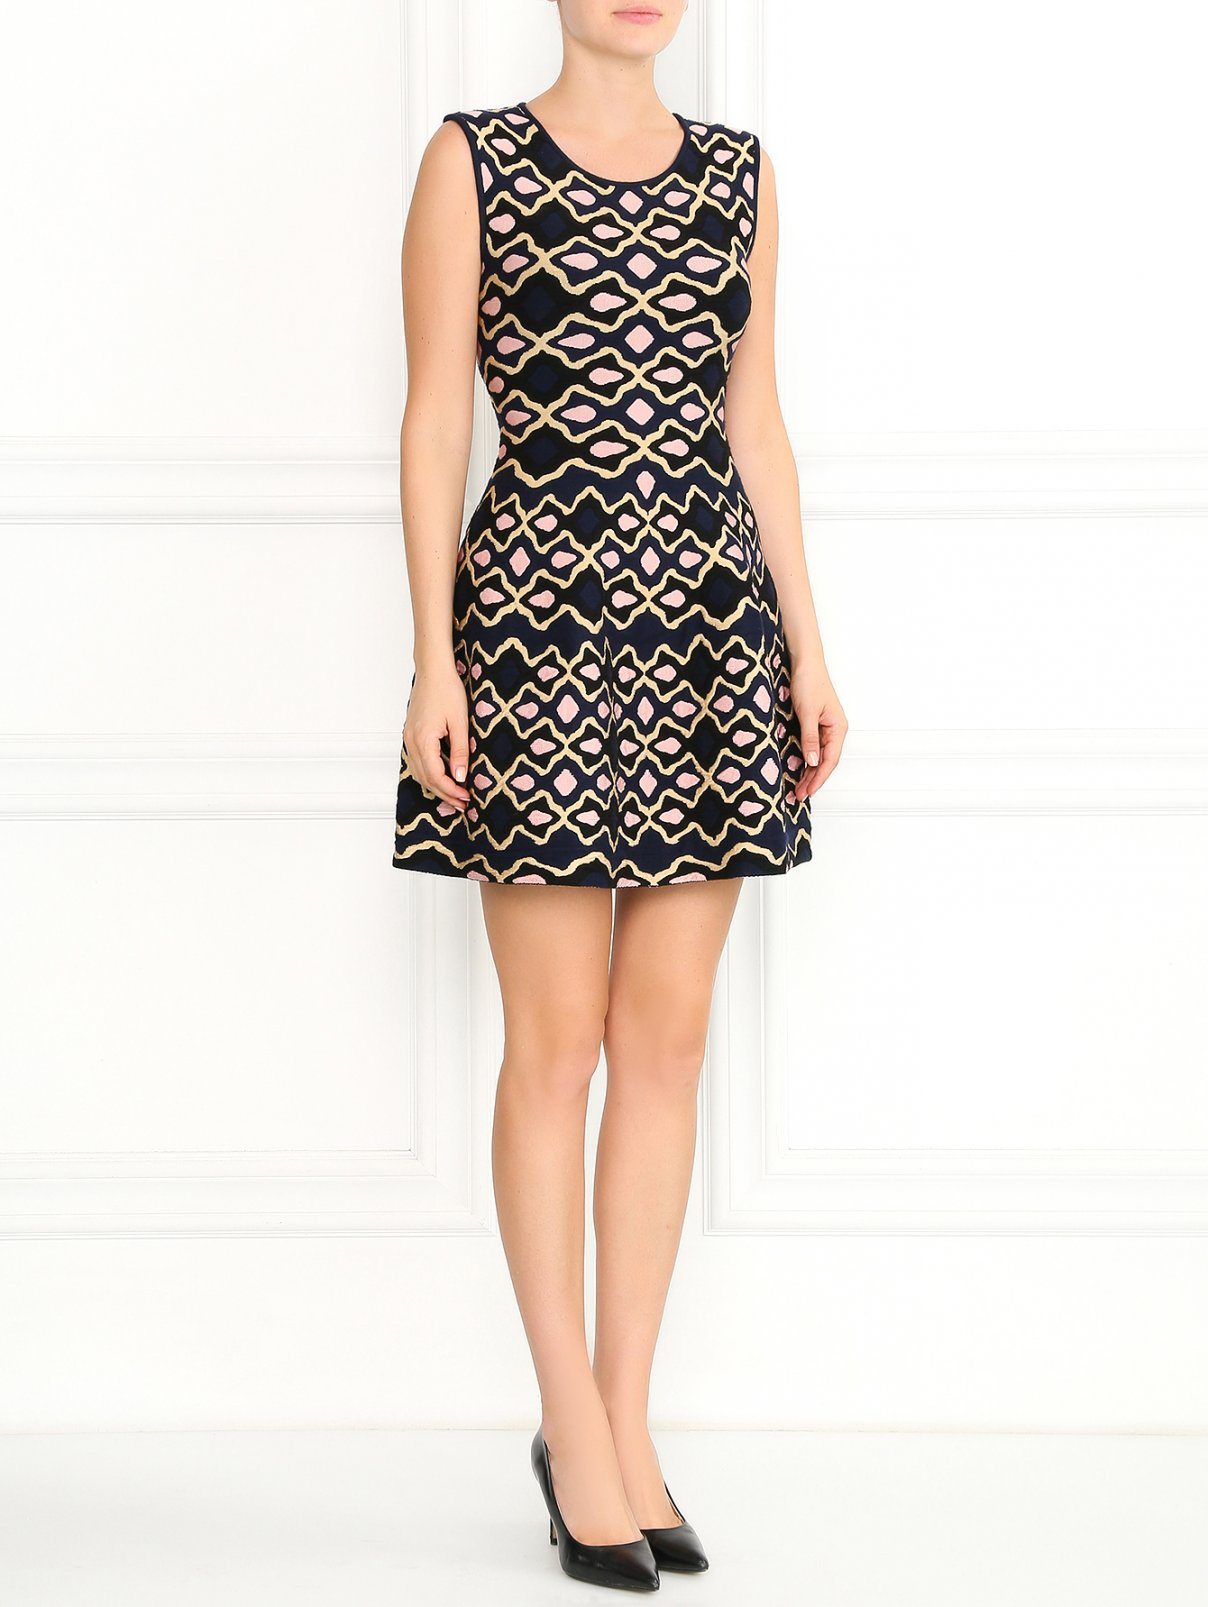 Трикотажное платье-мини с узором GIG Couture  –  Модель Общий вид  – Цвет:  Узор